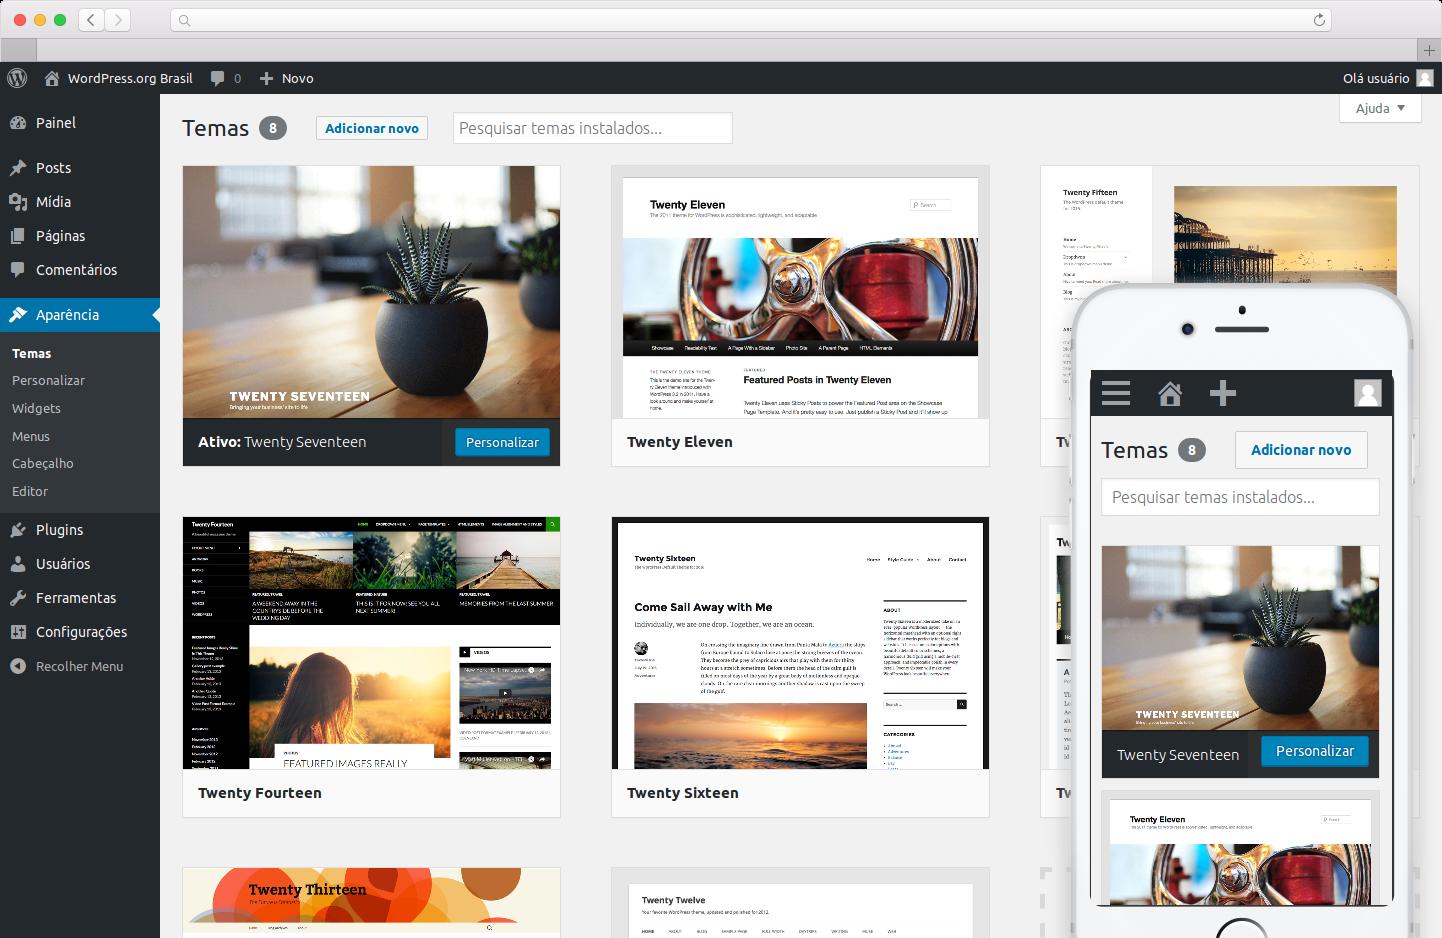 novo site wordpress